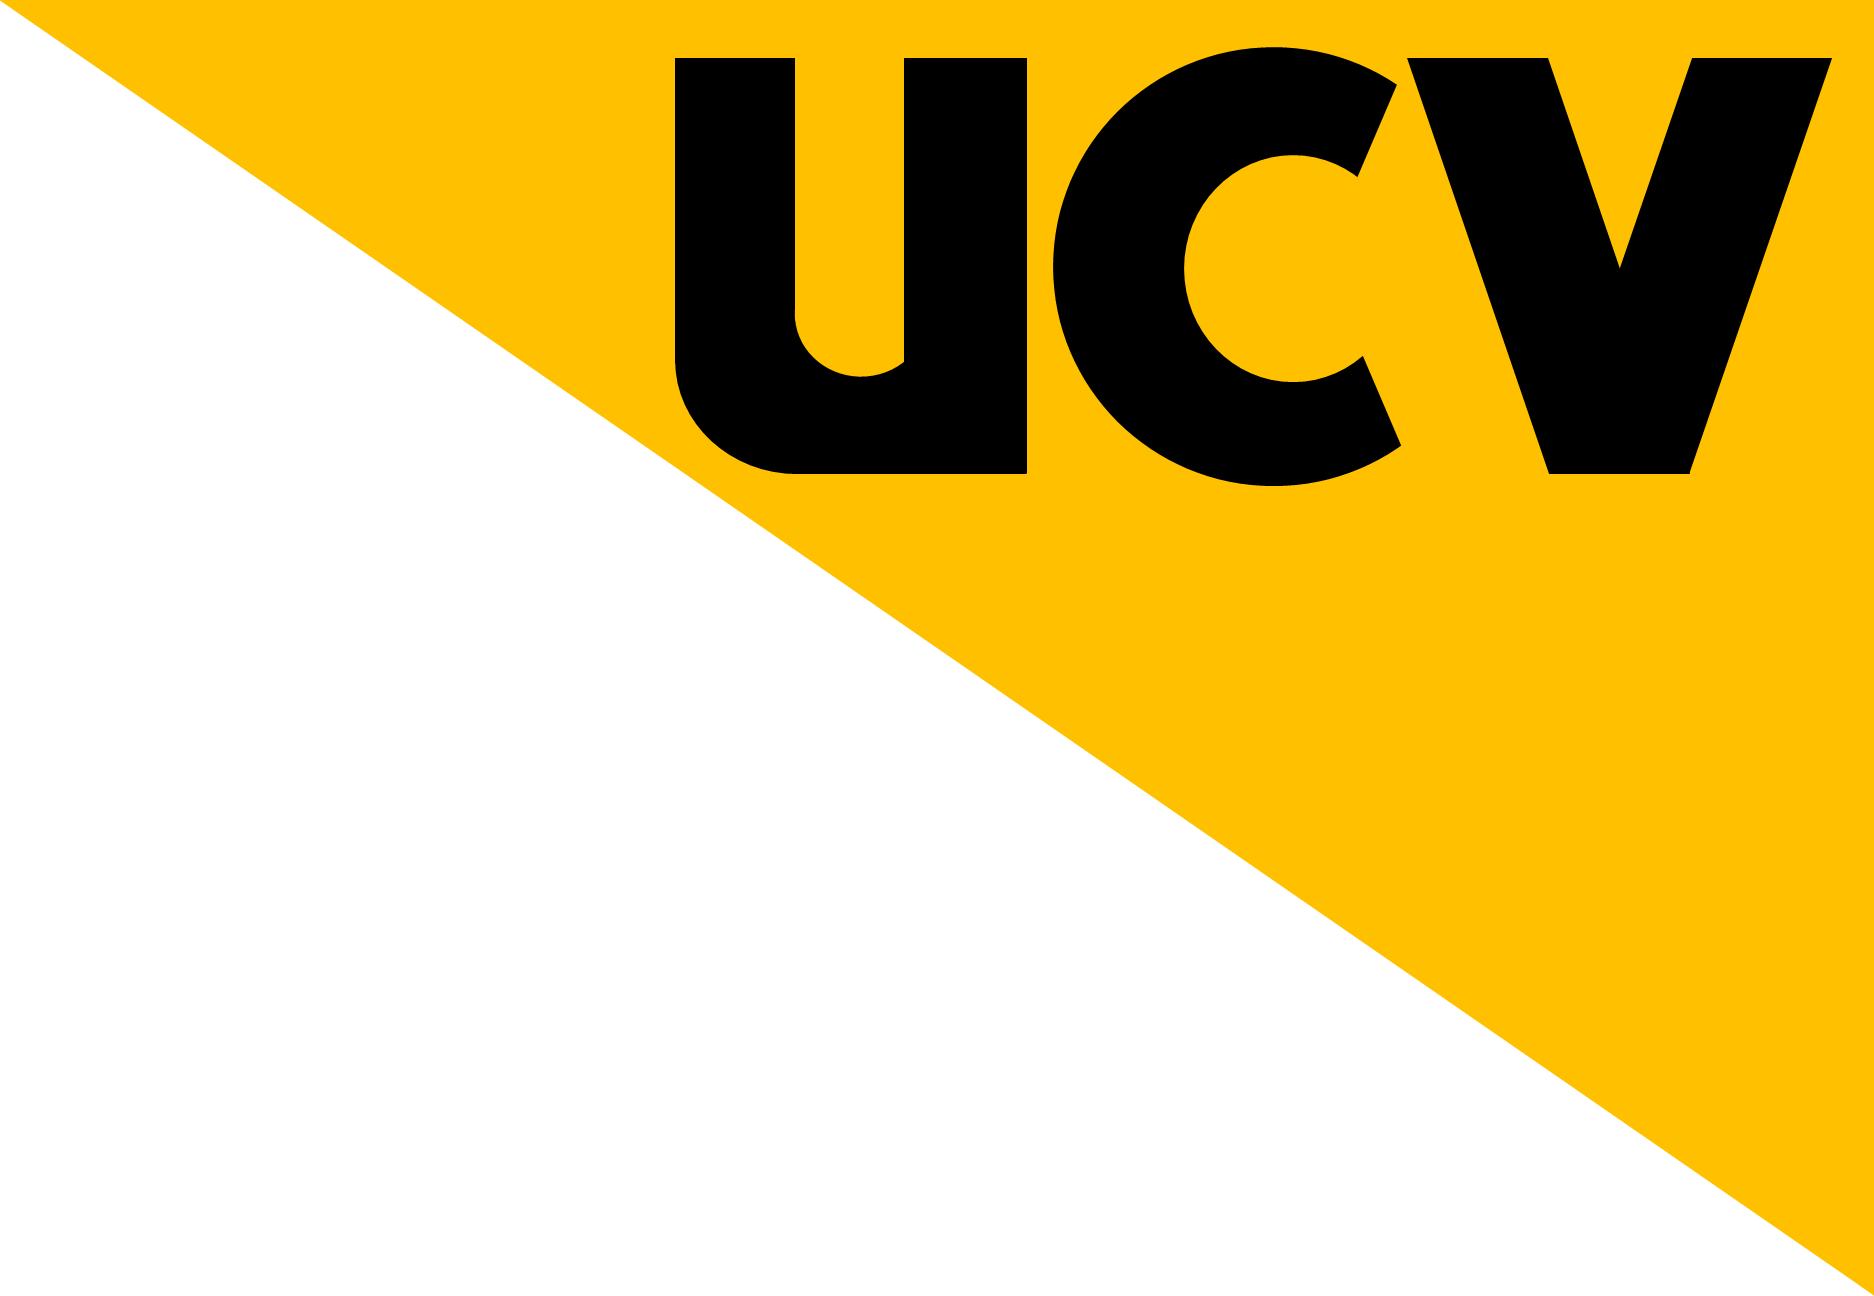 Ucv tv cl online dating